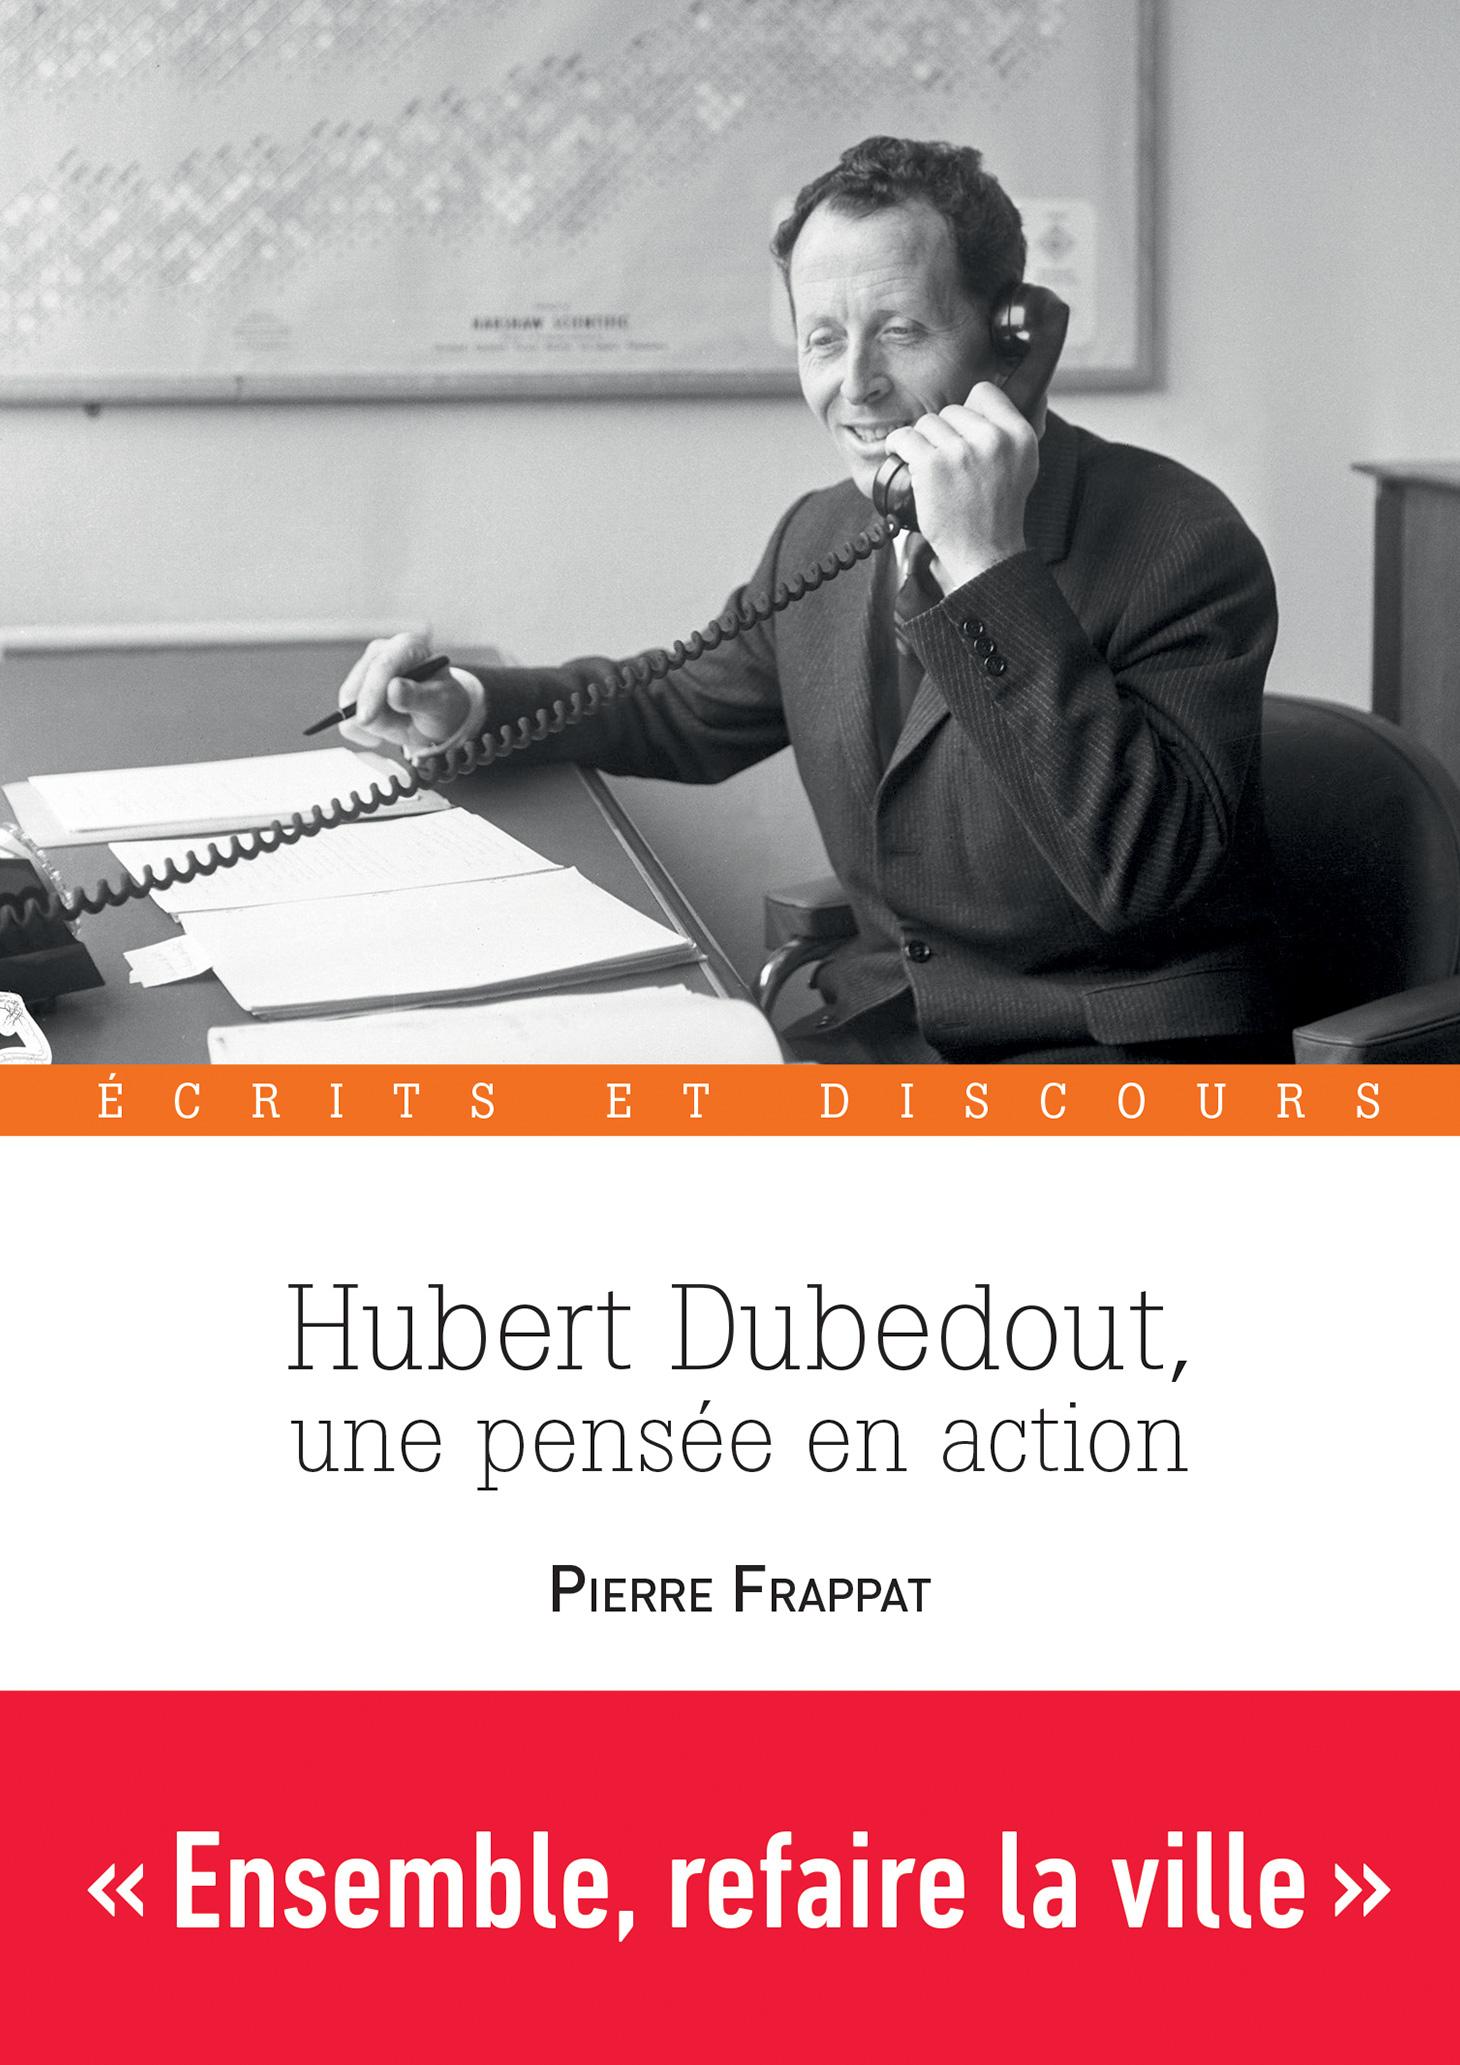 Hubert Dubedout, une pensée en action